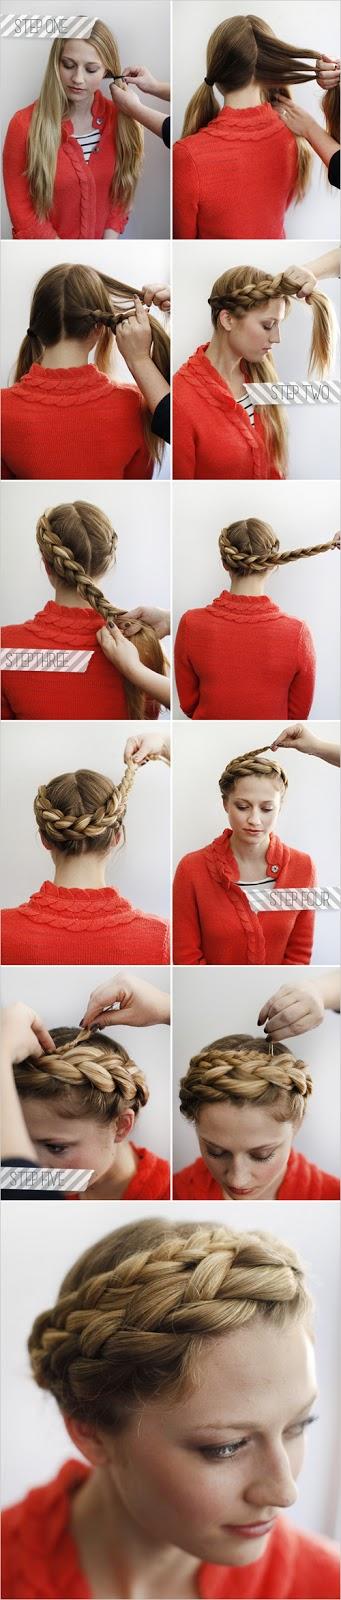 Hair And Food Piękne Włosy I Zdrowe żywienie Fryzury Na Sylwestra